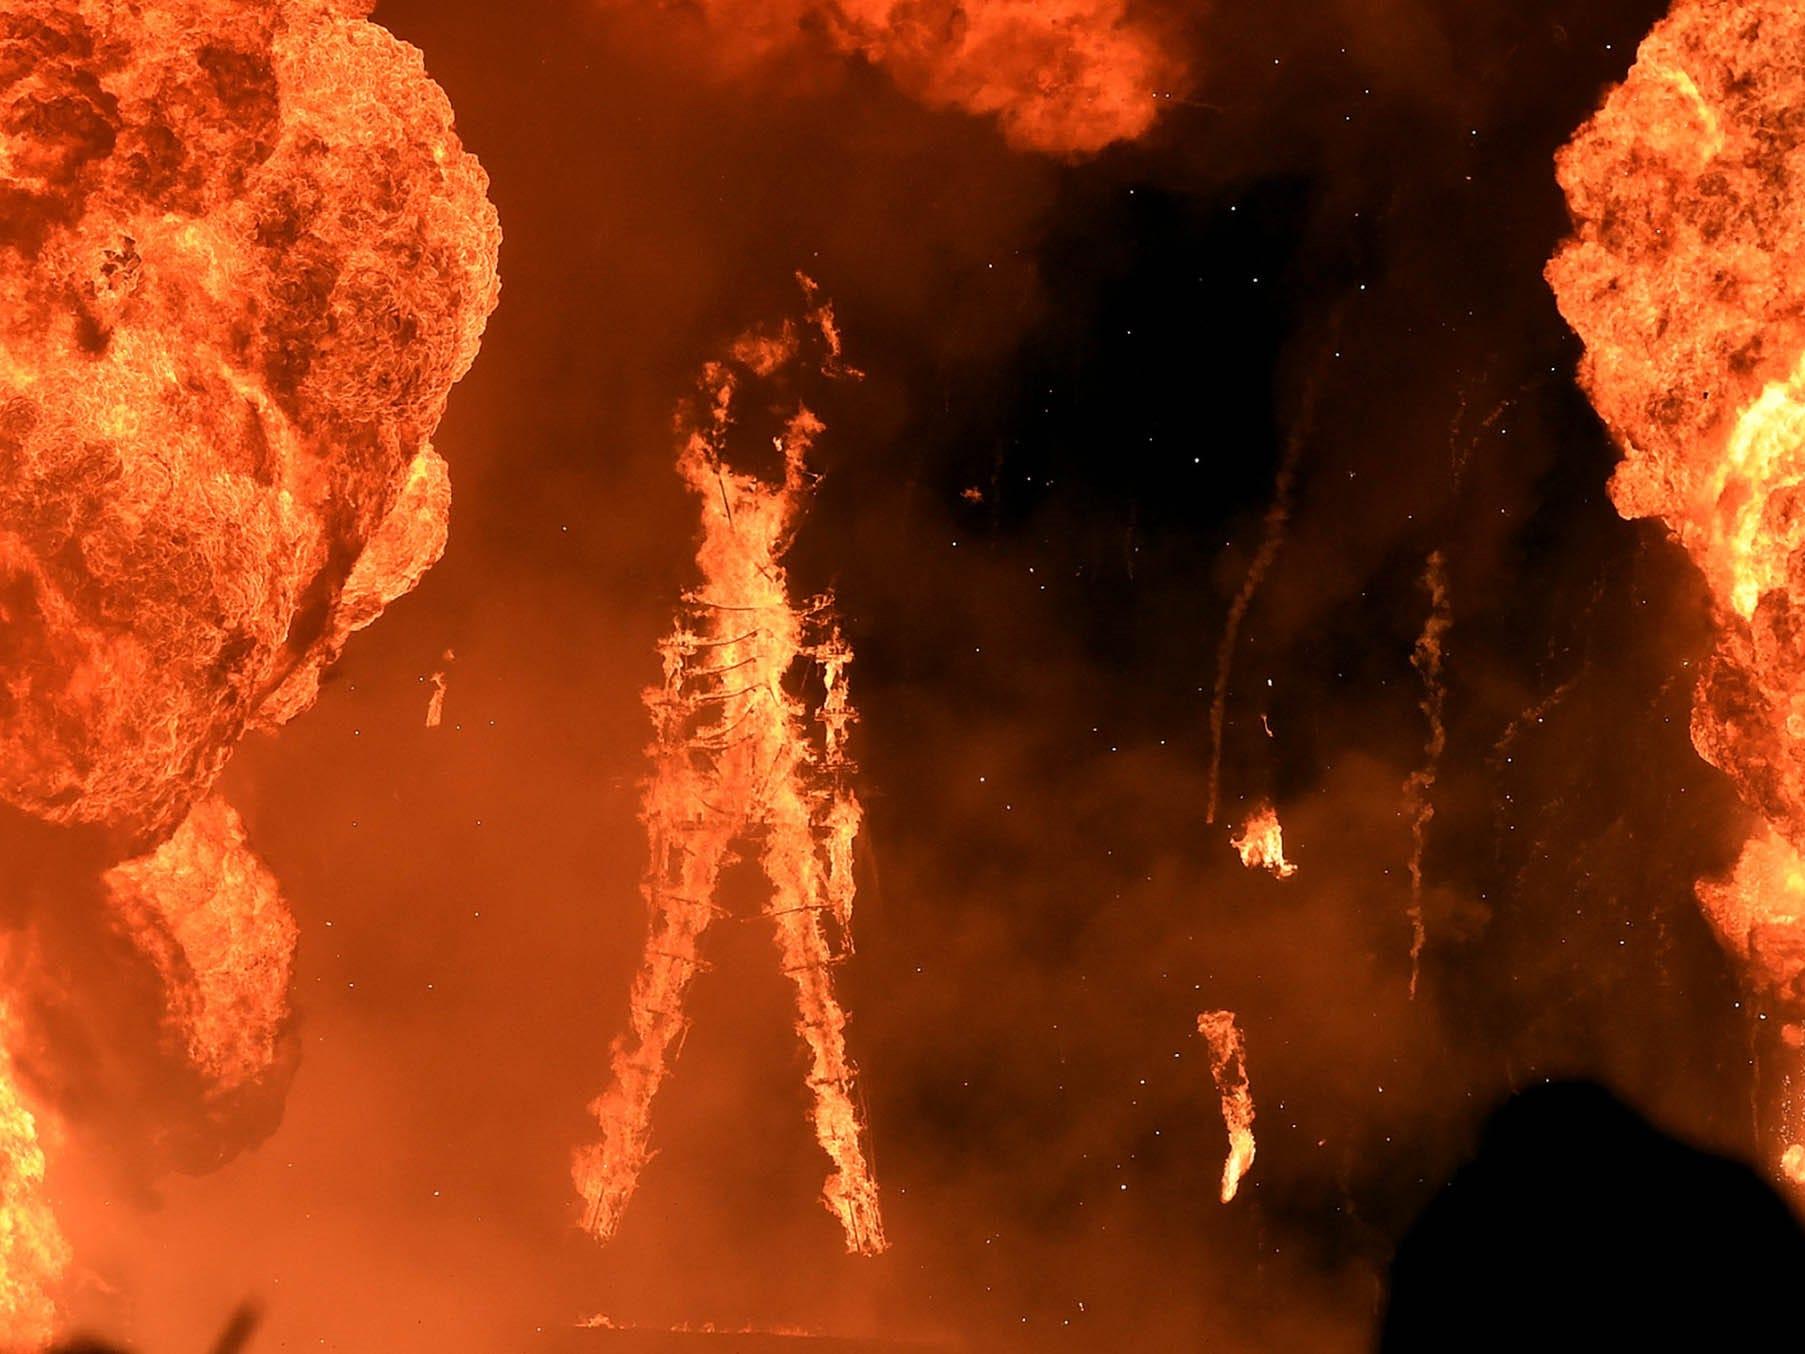 The Burning Man effigy burns.